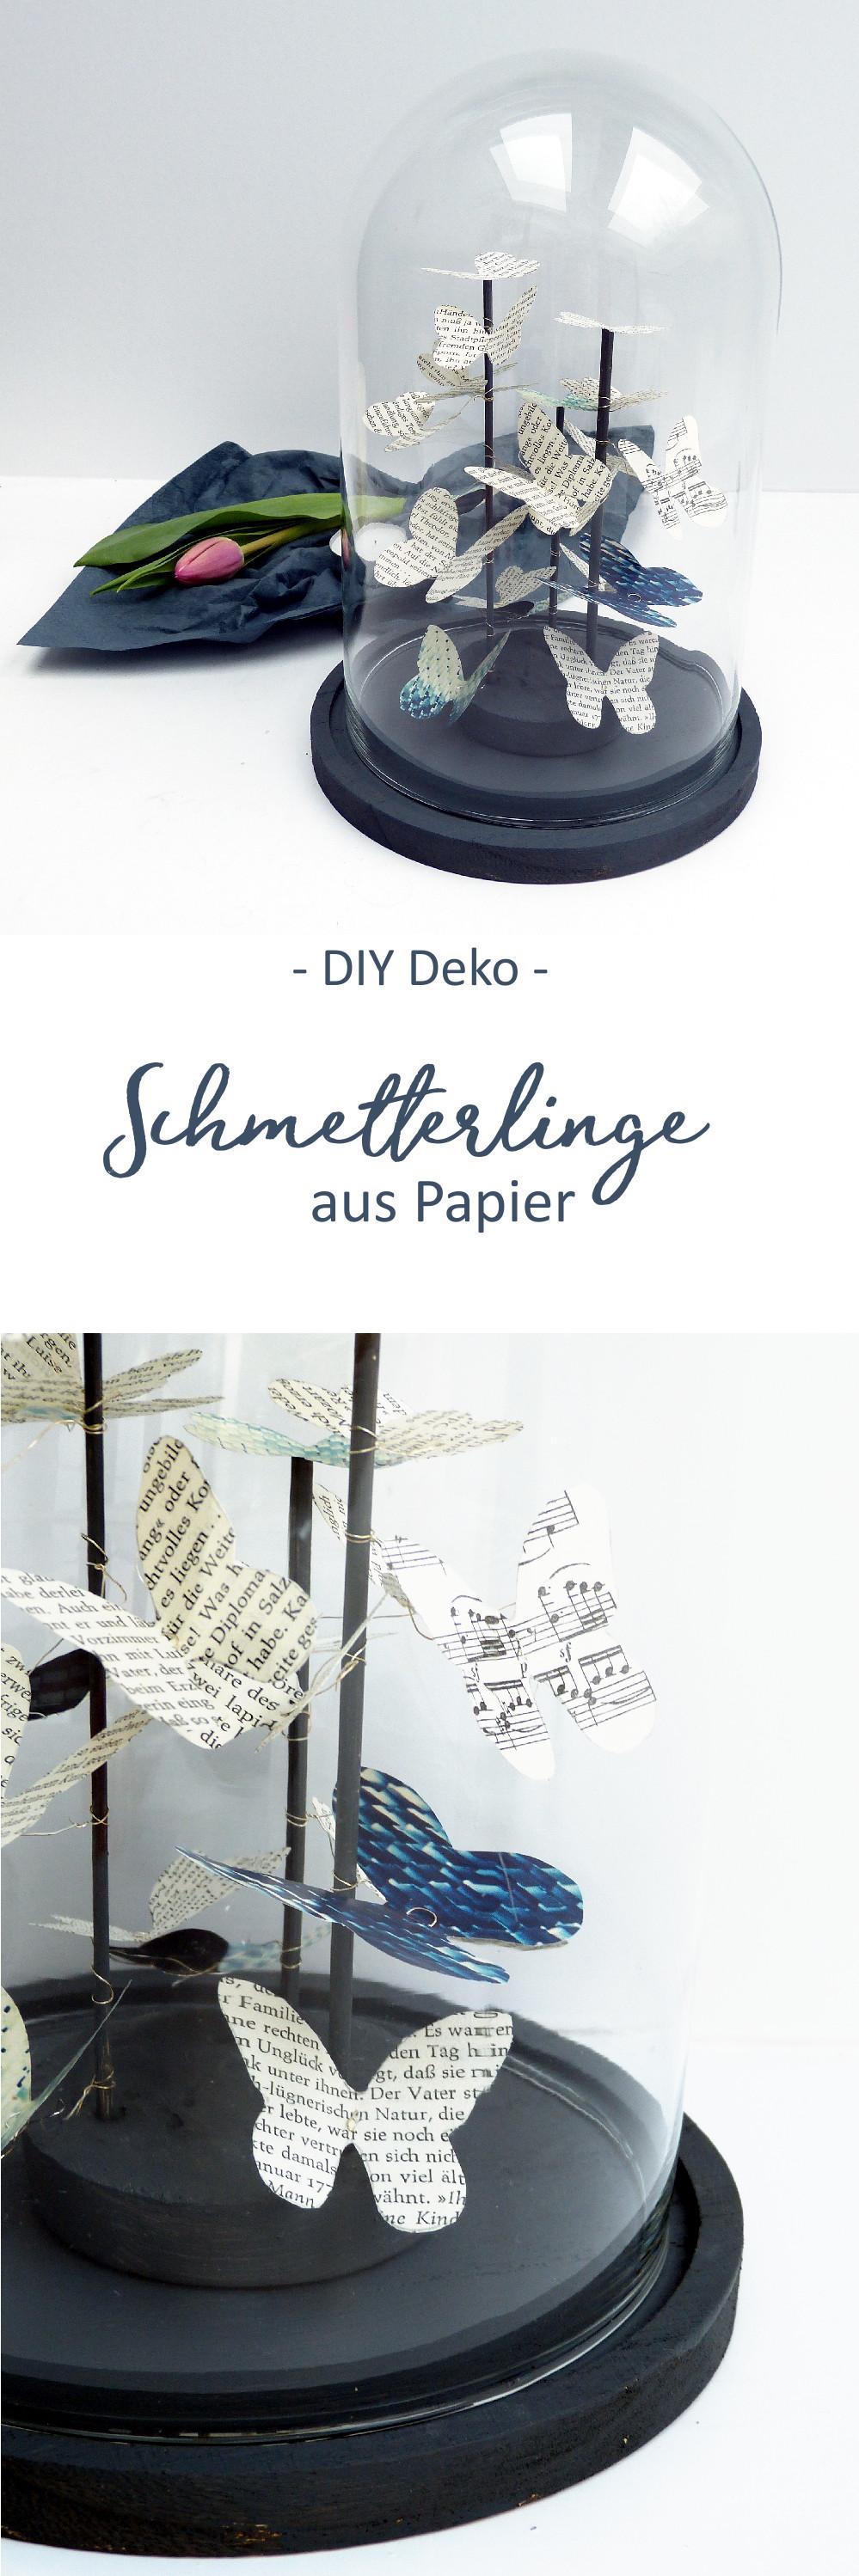 Schmetterlinge aus Papier als Schwarm in einer Glaskuppel. DIY Anleitung mit Vorlage zum Ausdrucken.